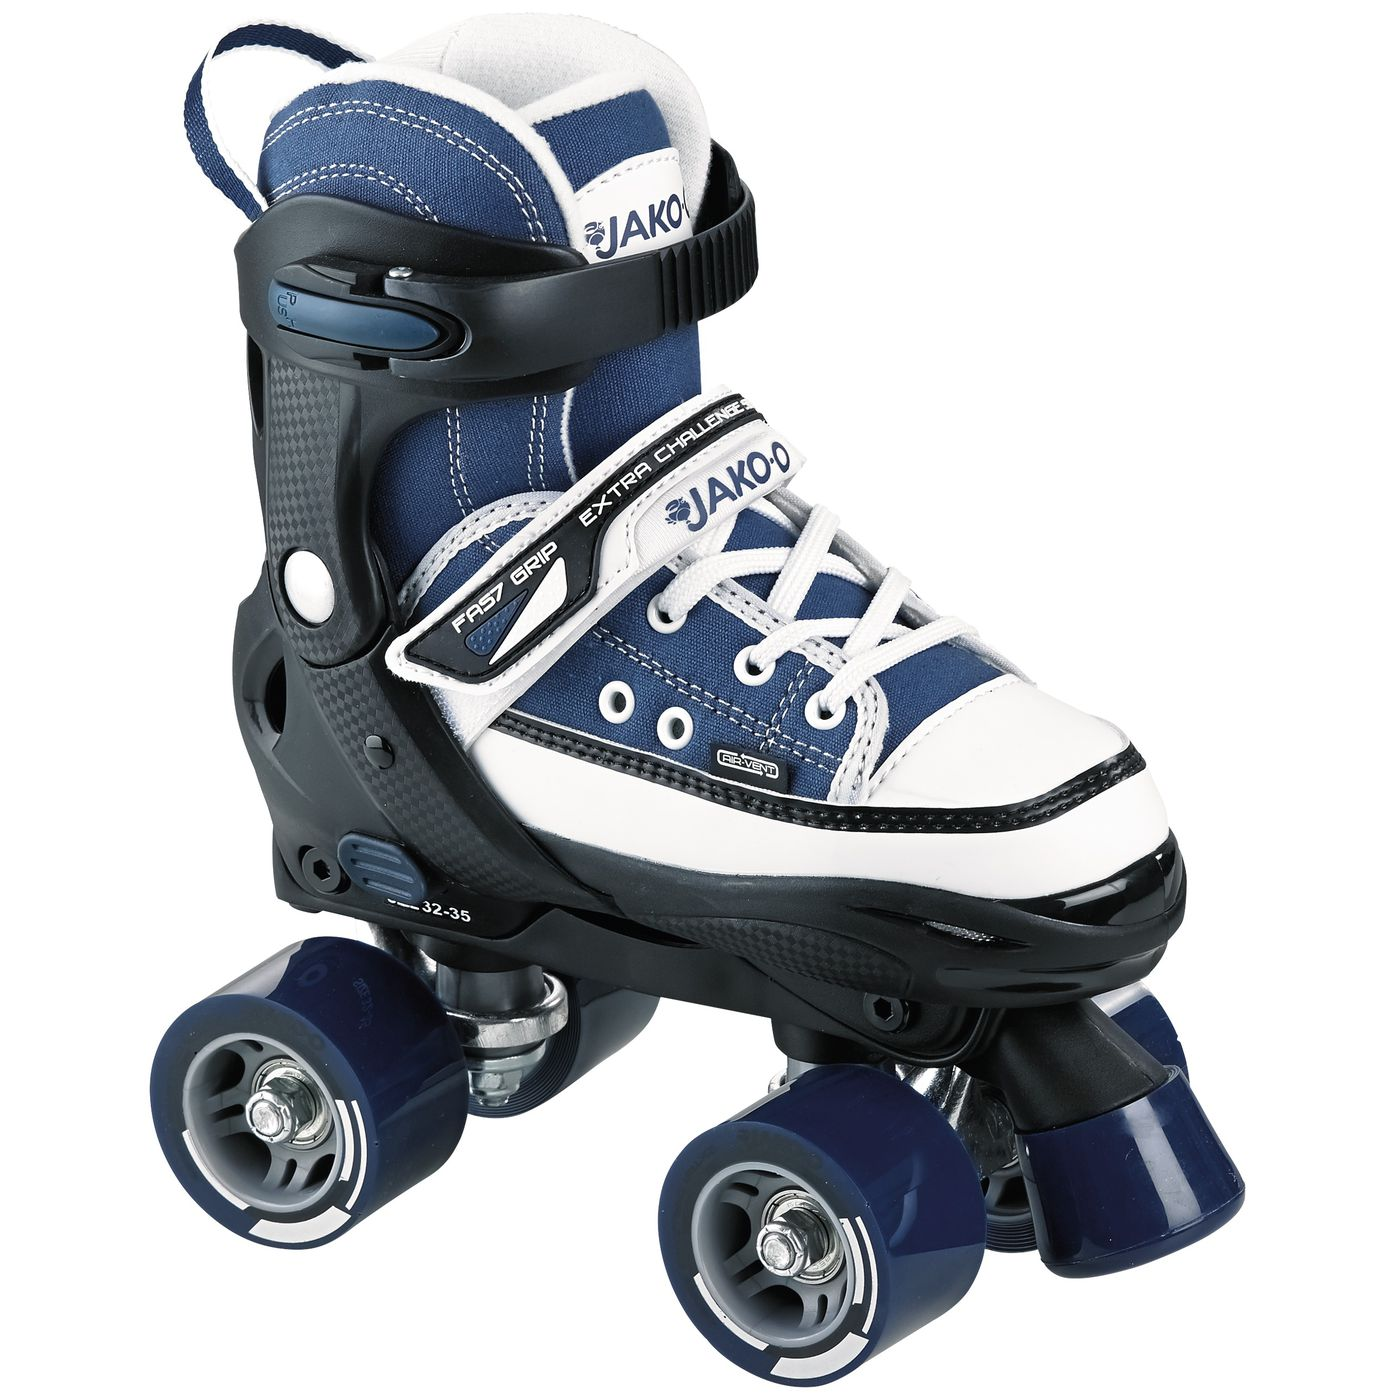 Дети роликовые коньки кроссовки JAKO‑O, регулируемый